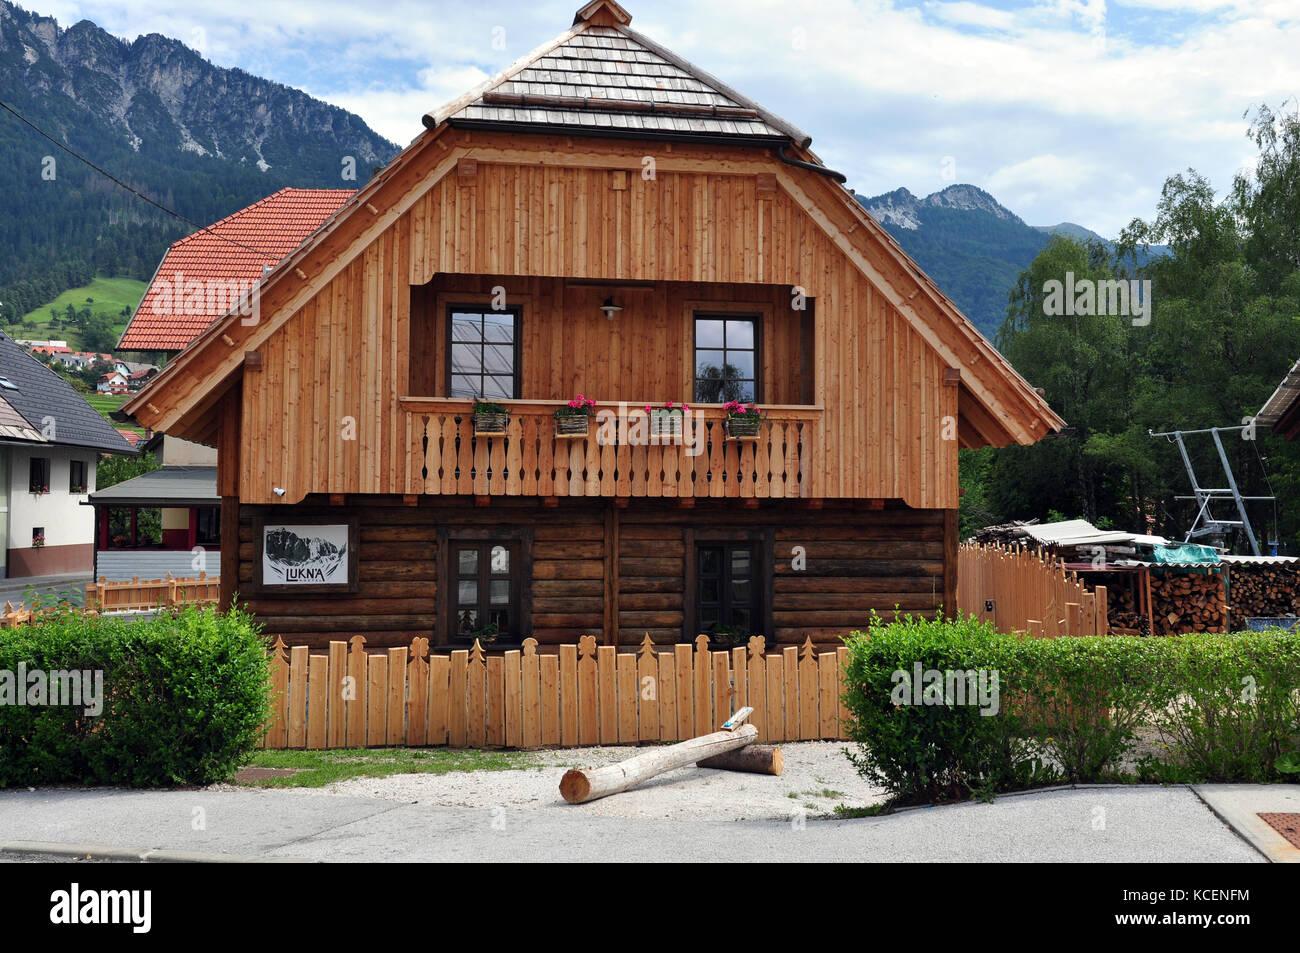 Wooden mountain ski house, mountain retreat, mountain vacation - Stock Image